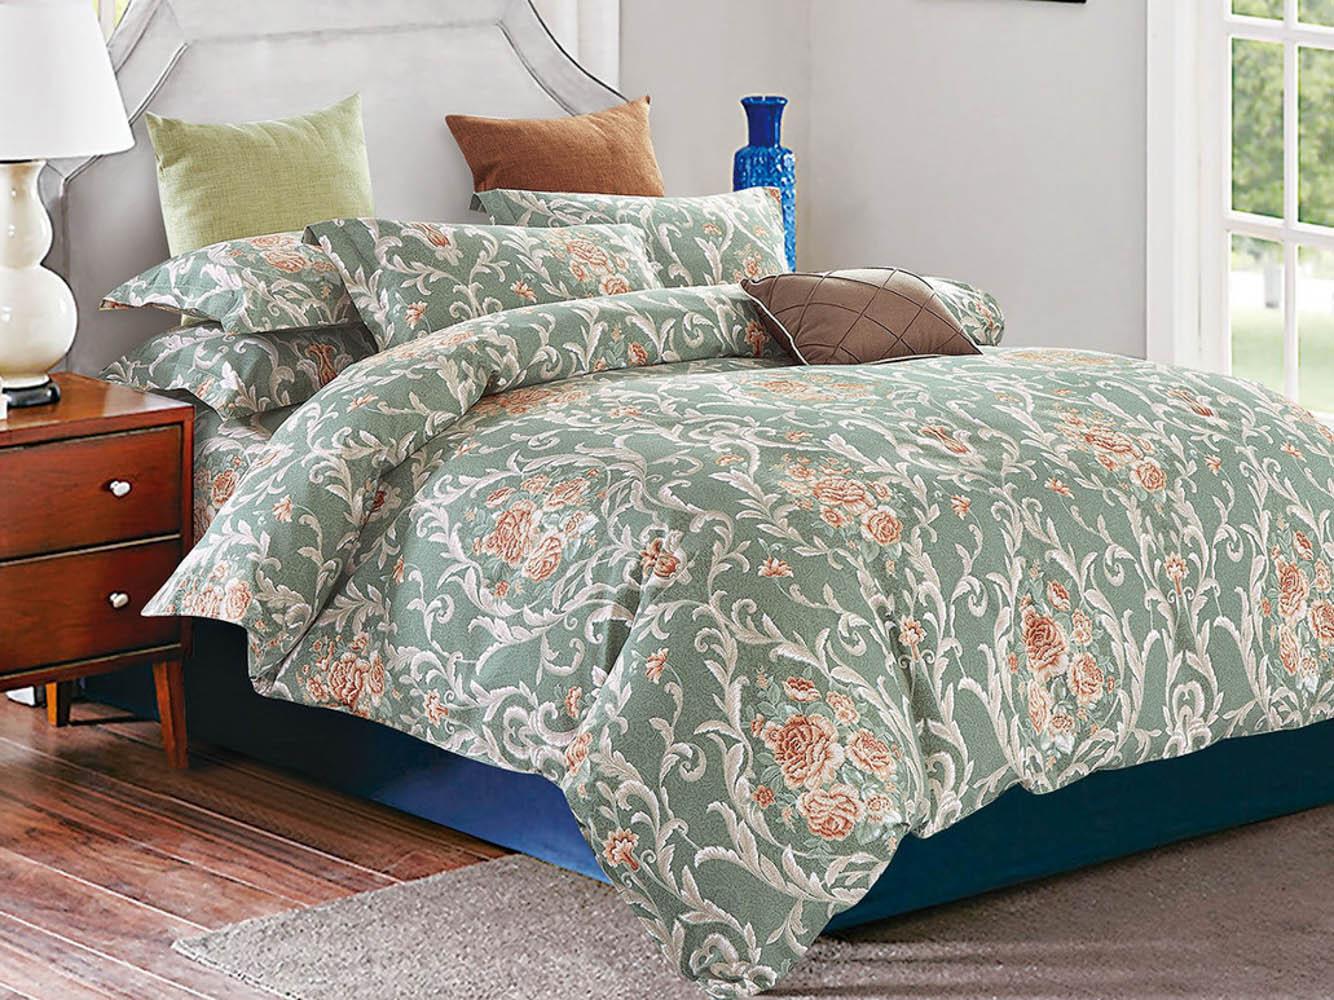 Постельное белье Cleo Постельное белье Rylee (1,5 спал.) постельное белье cleo постельное белье rylee 1 5 спал